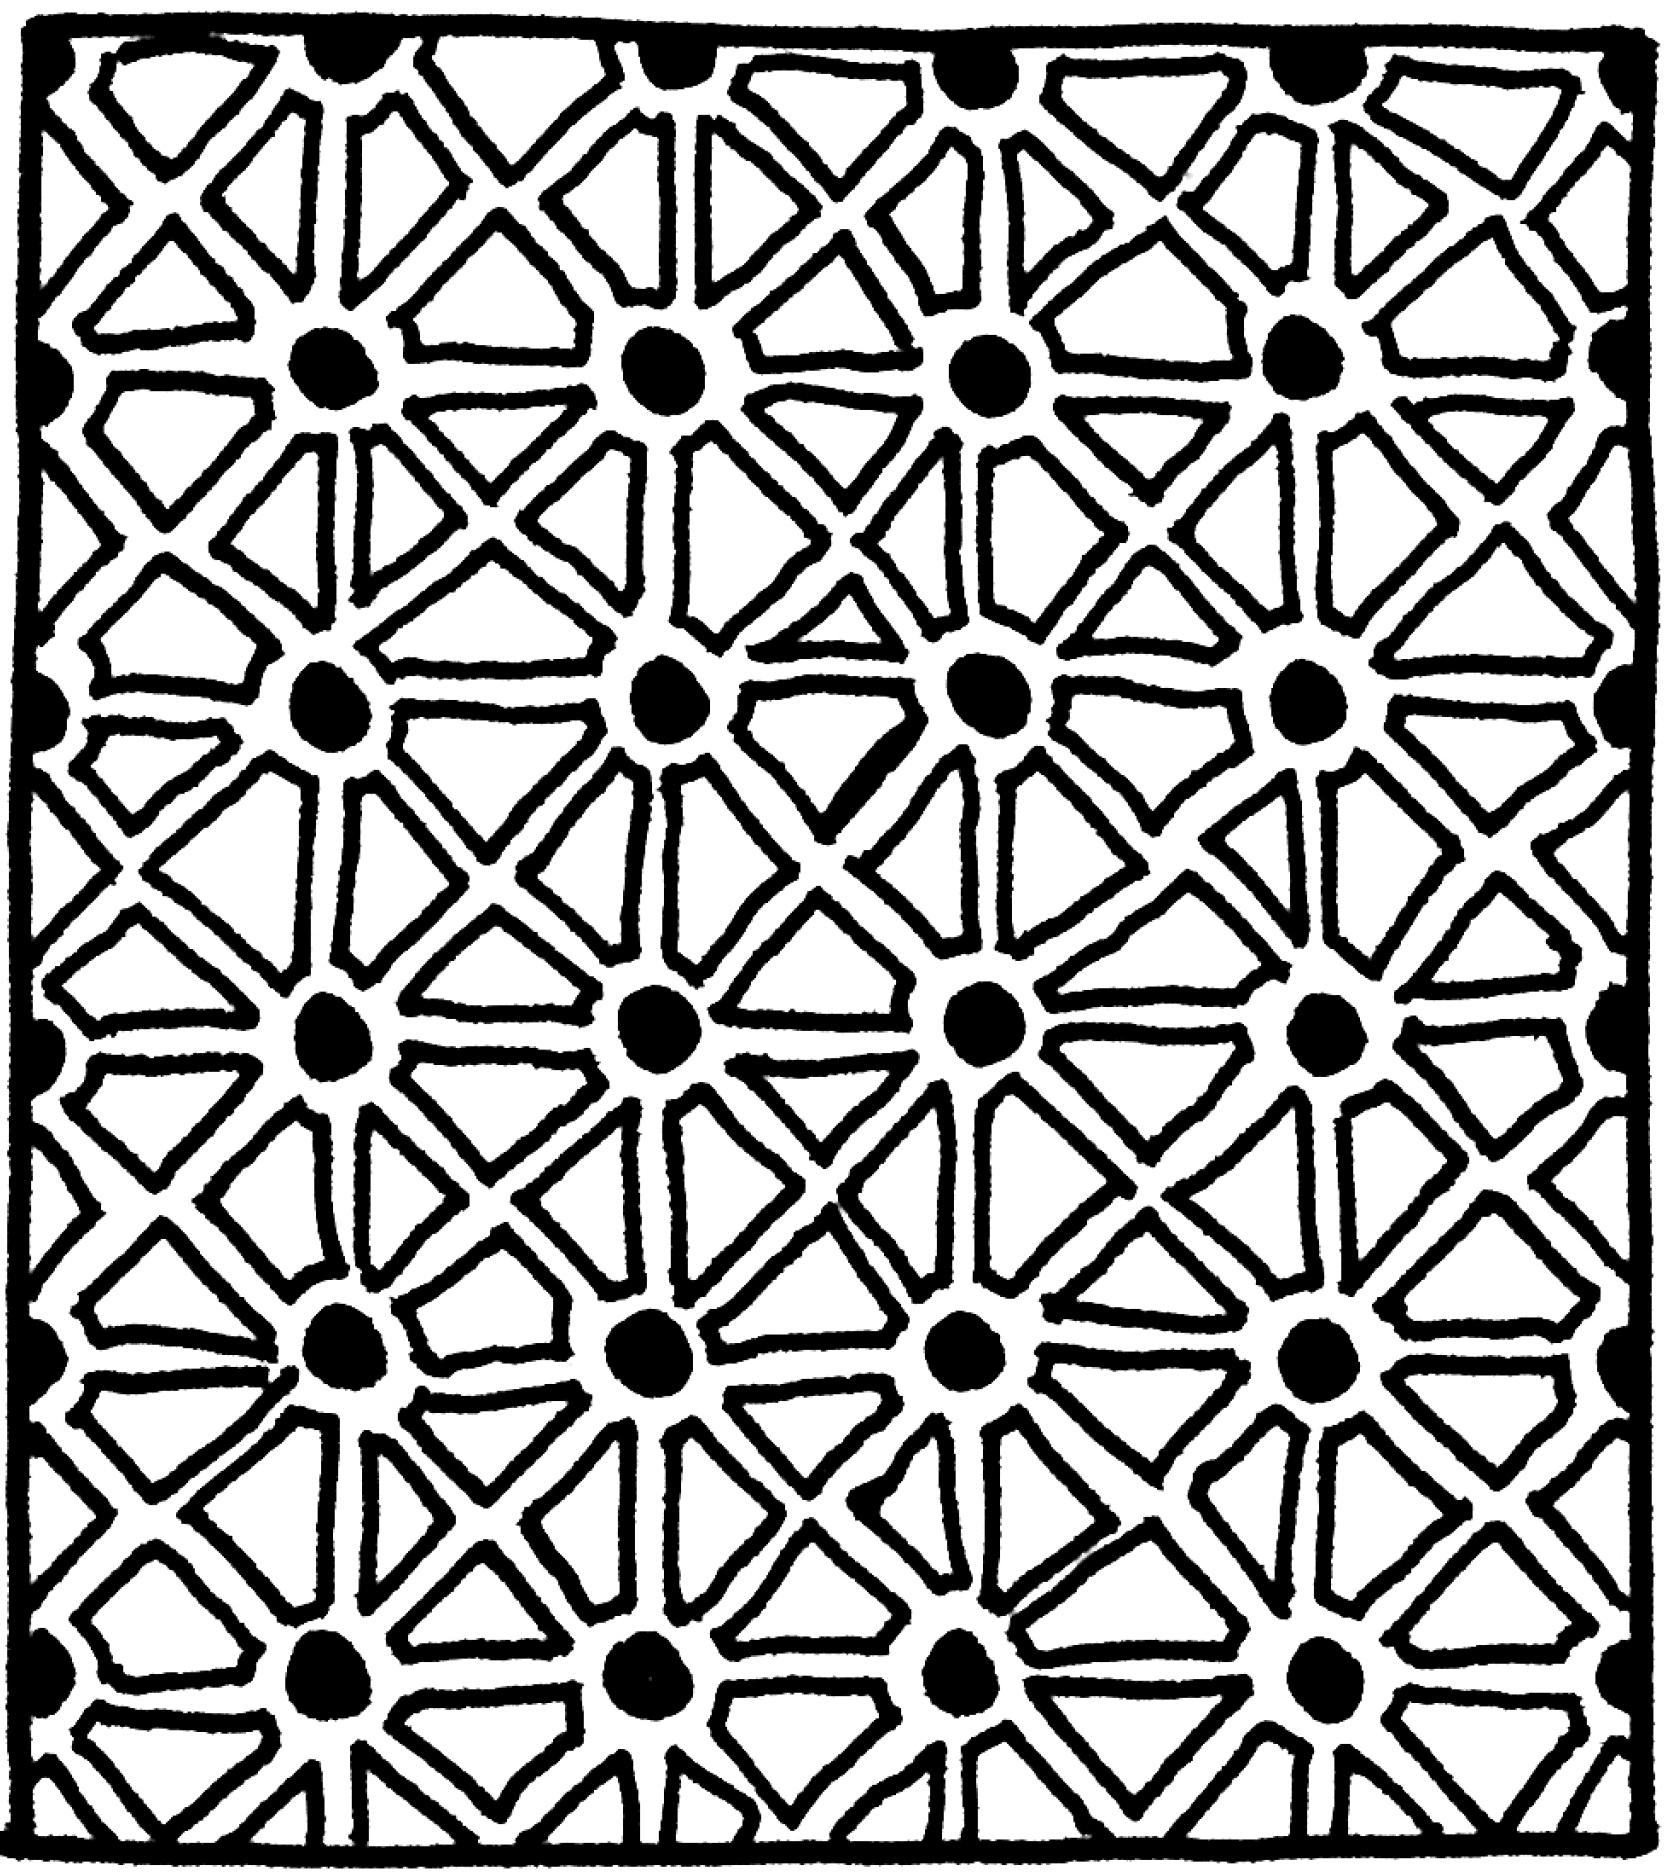 Valencia_patterns11.jpg